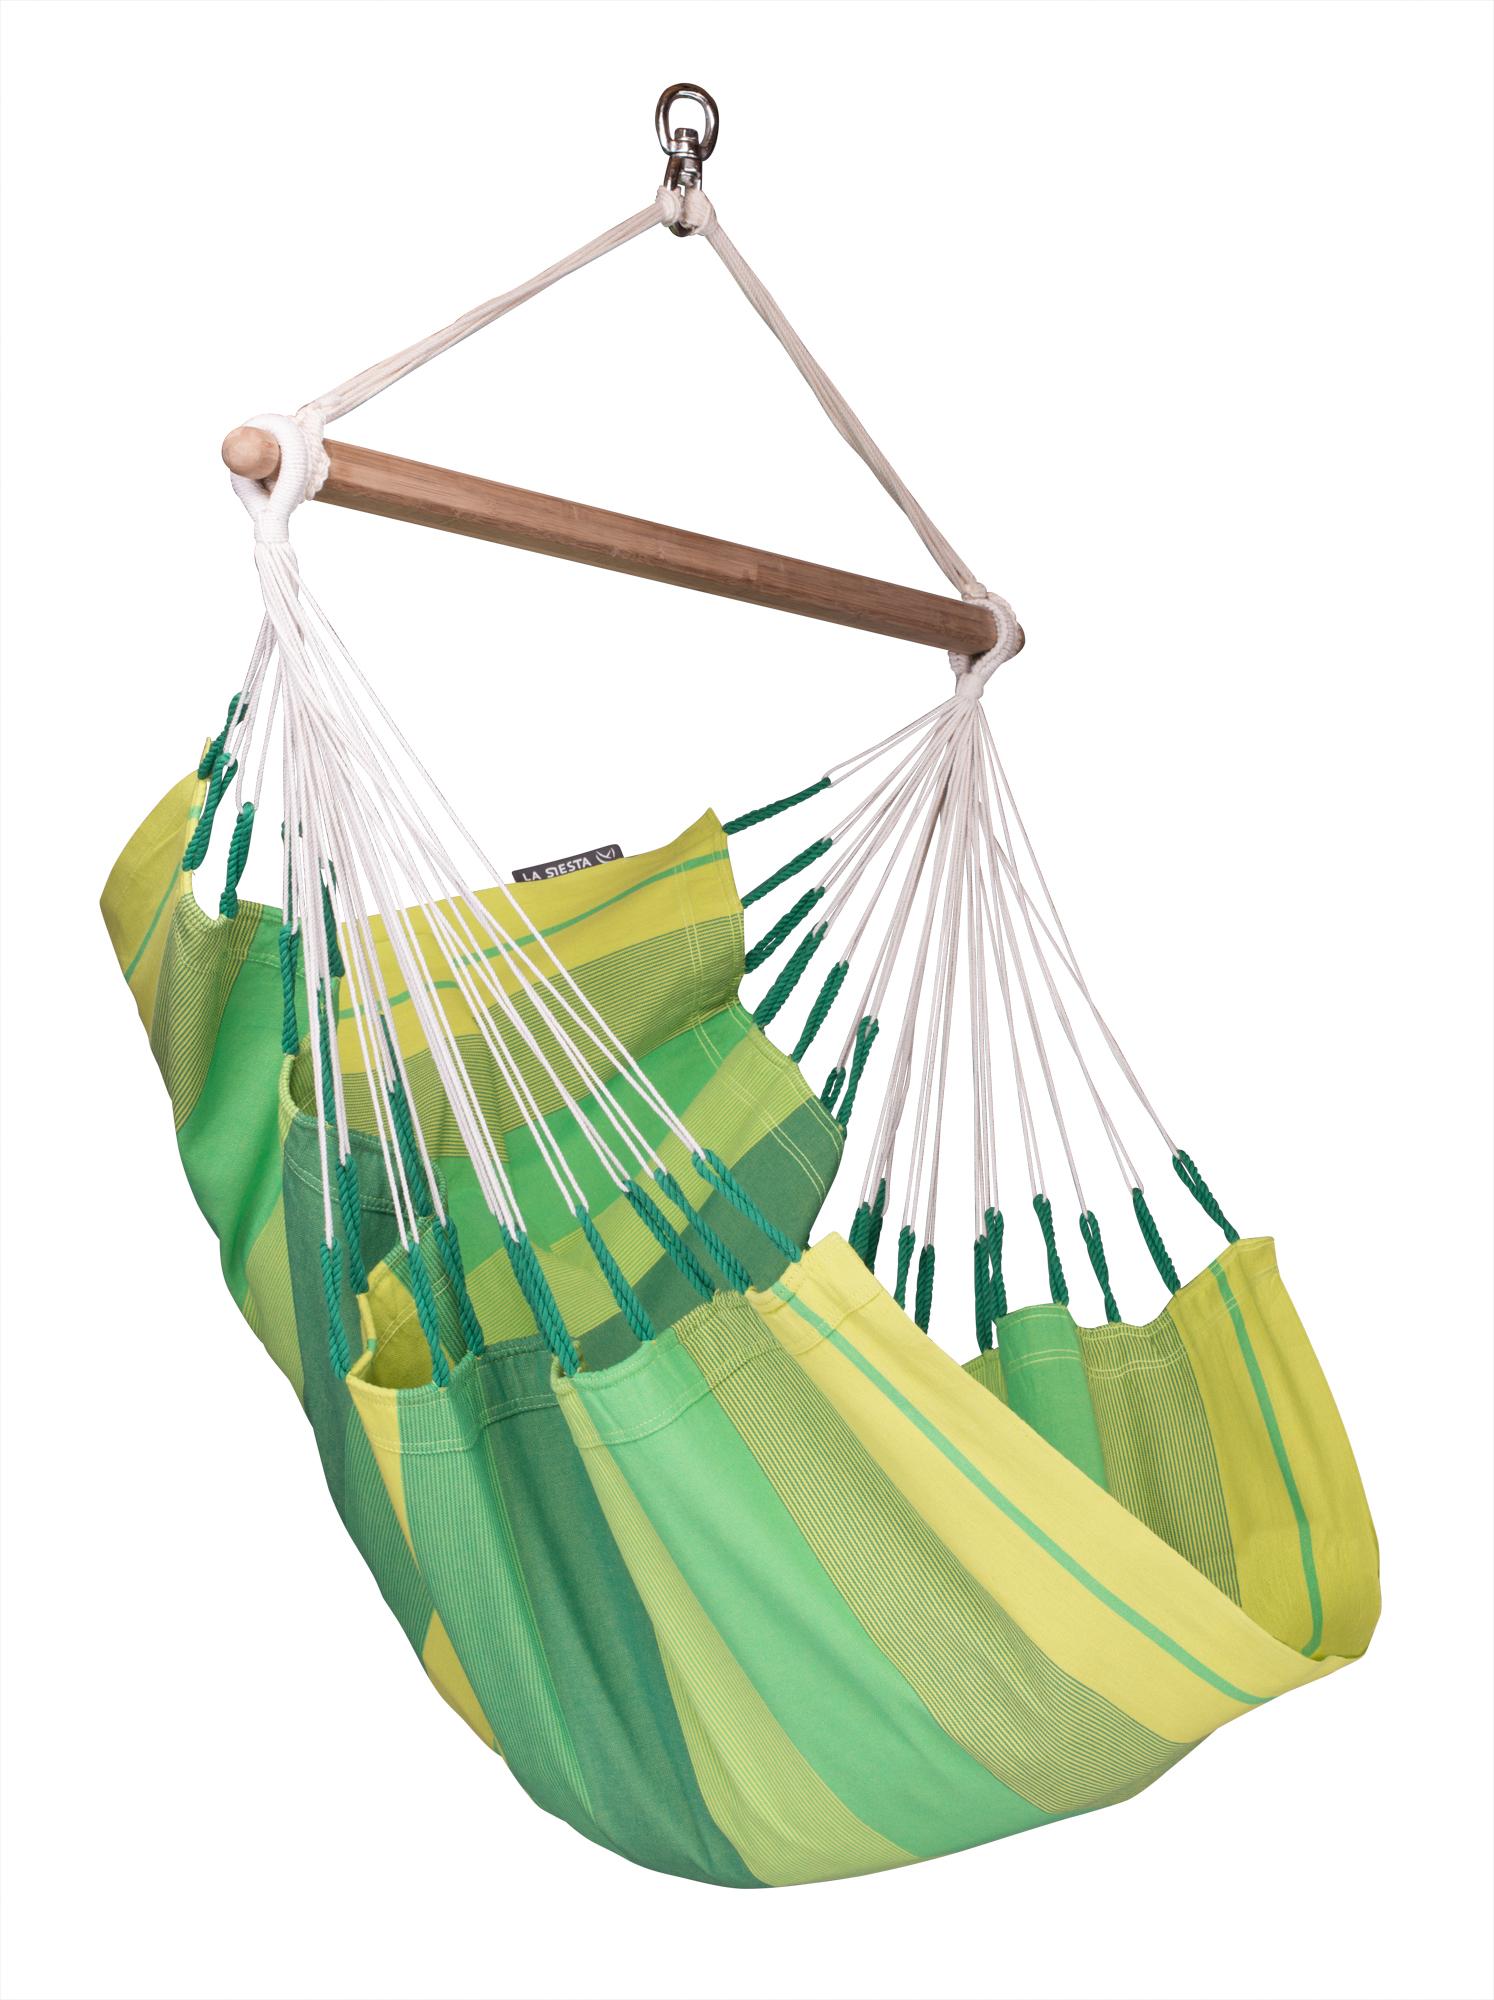 Chaise-hamac avec joyeux motif rayé vert